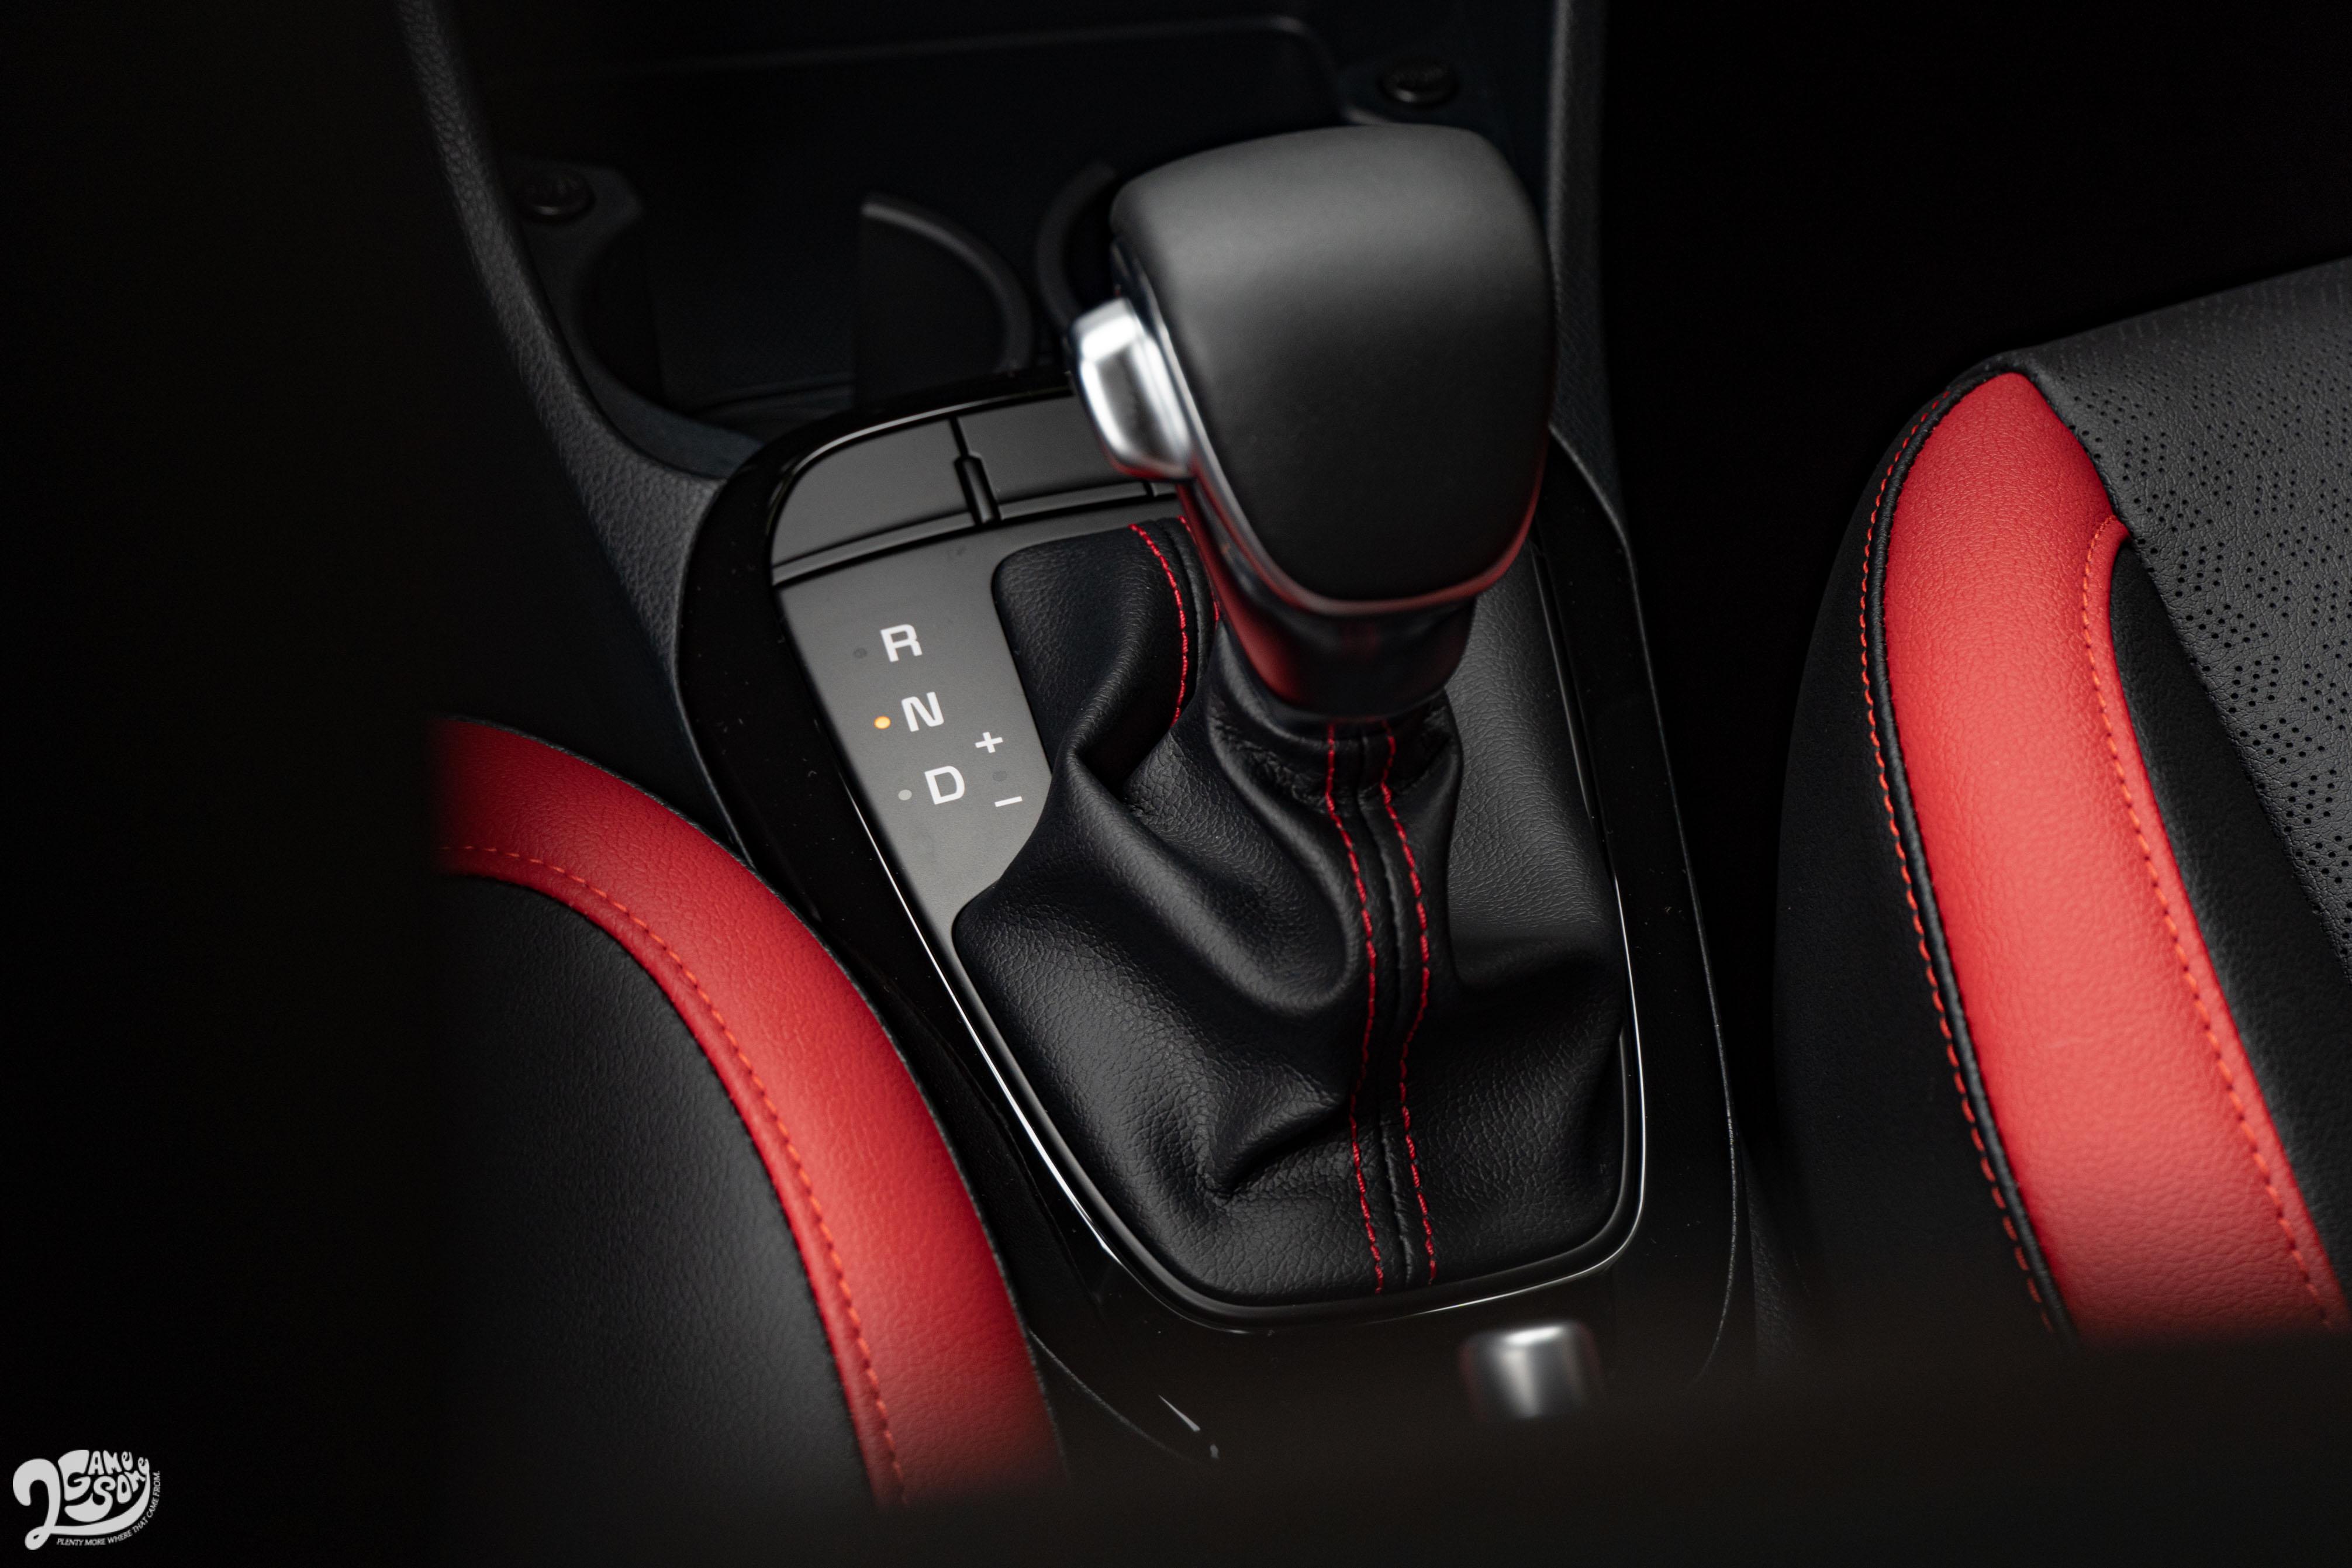 新採用的五速電子序列式變速系統(5速自手排)沒有 P 檔,停車時就是 N 檔加手煞車。